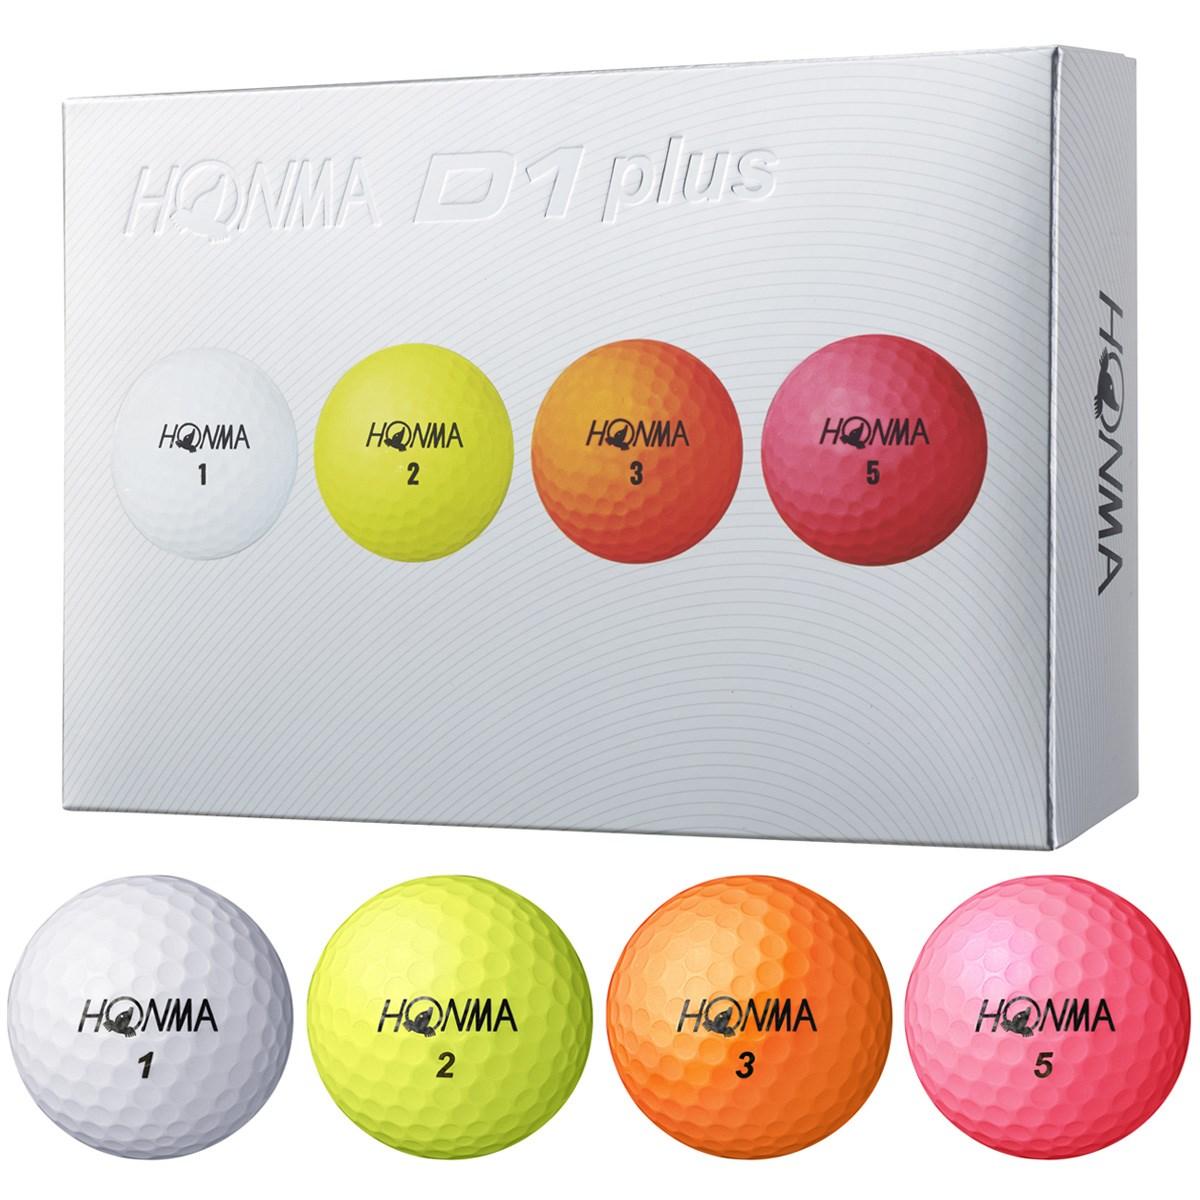 本間ゴルフ HONMA D1 plus ボール 1ダース(12個入り) マルチ